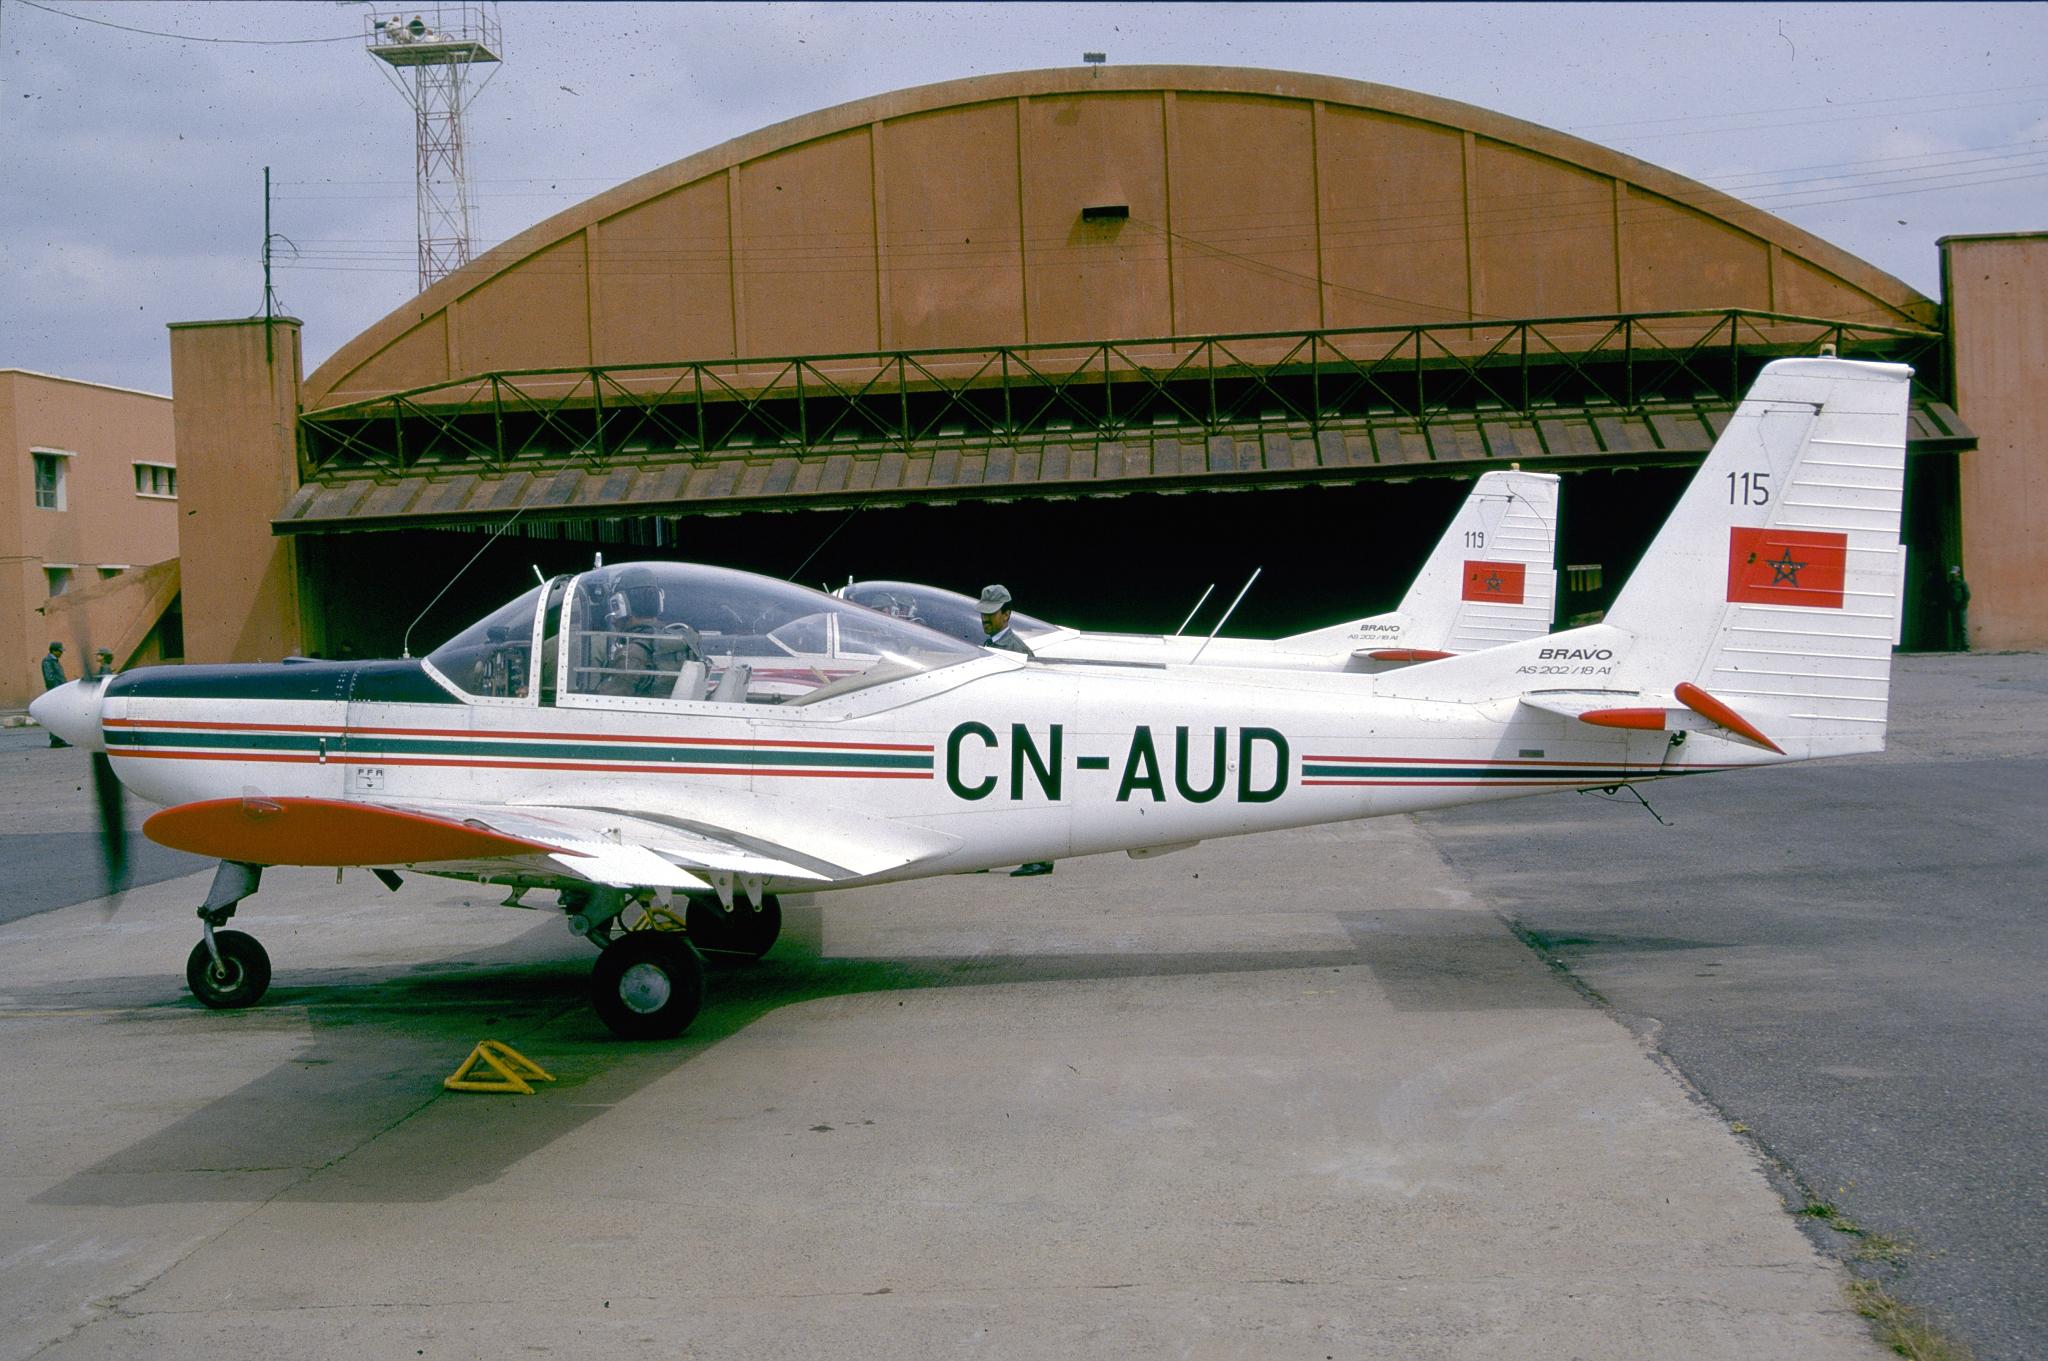 FRA: Photos avions d'entrainement et anti insurrection - Page 8 160119021339874334